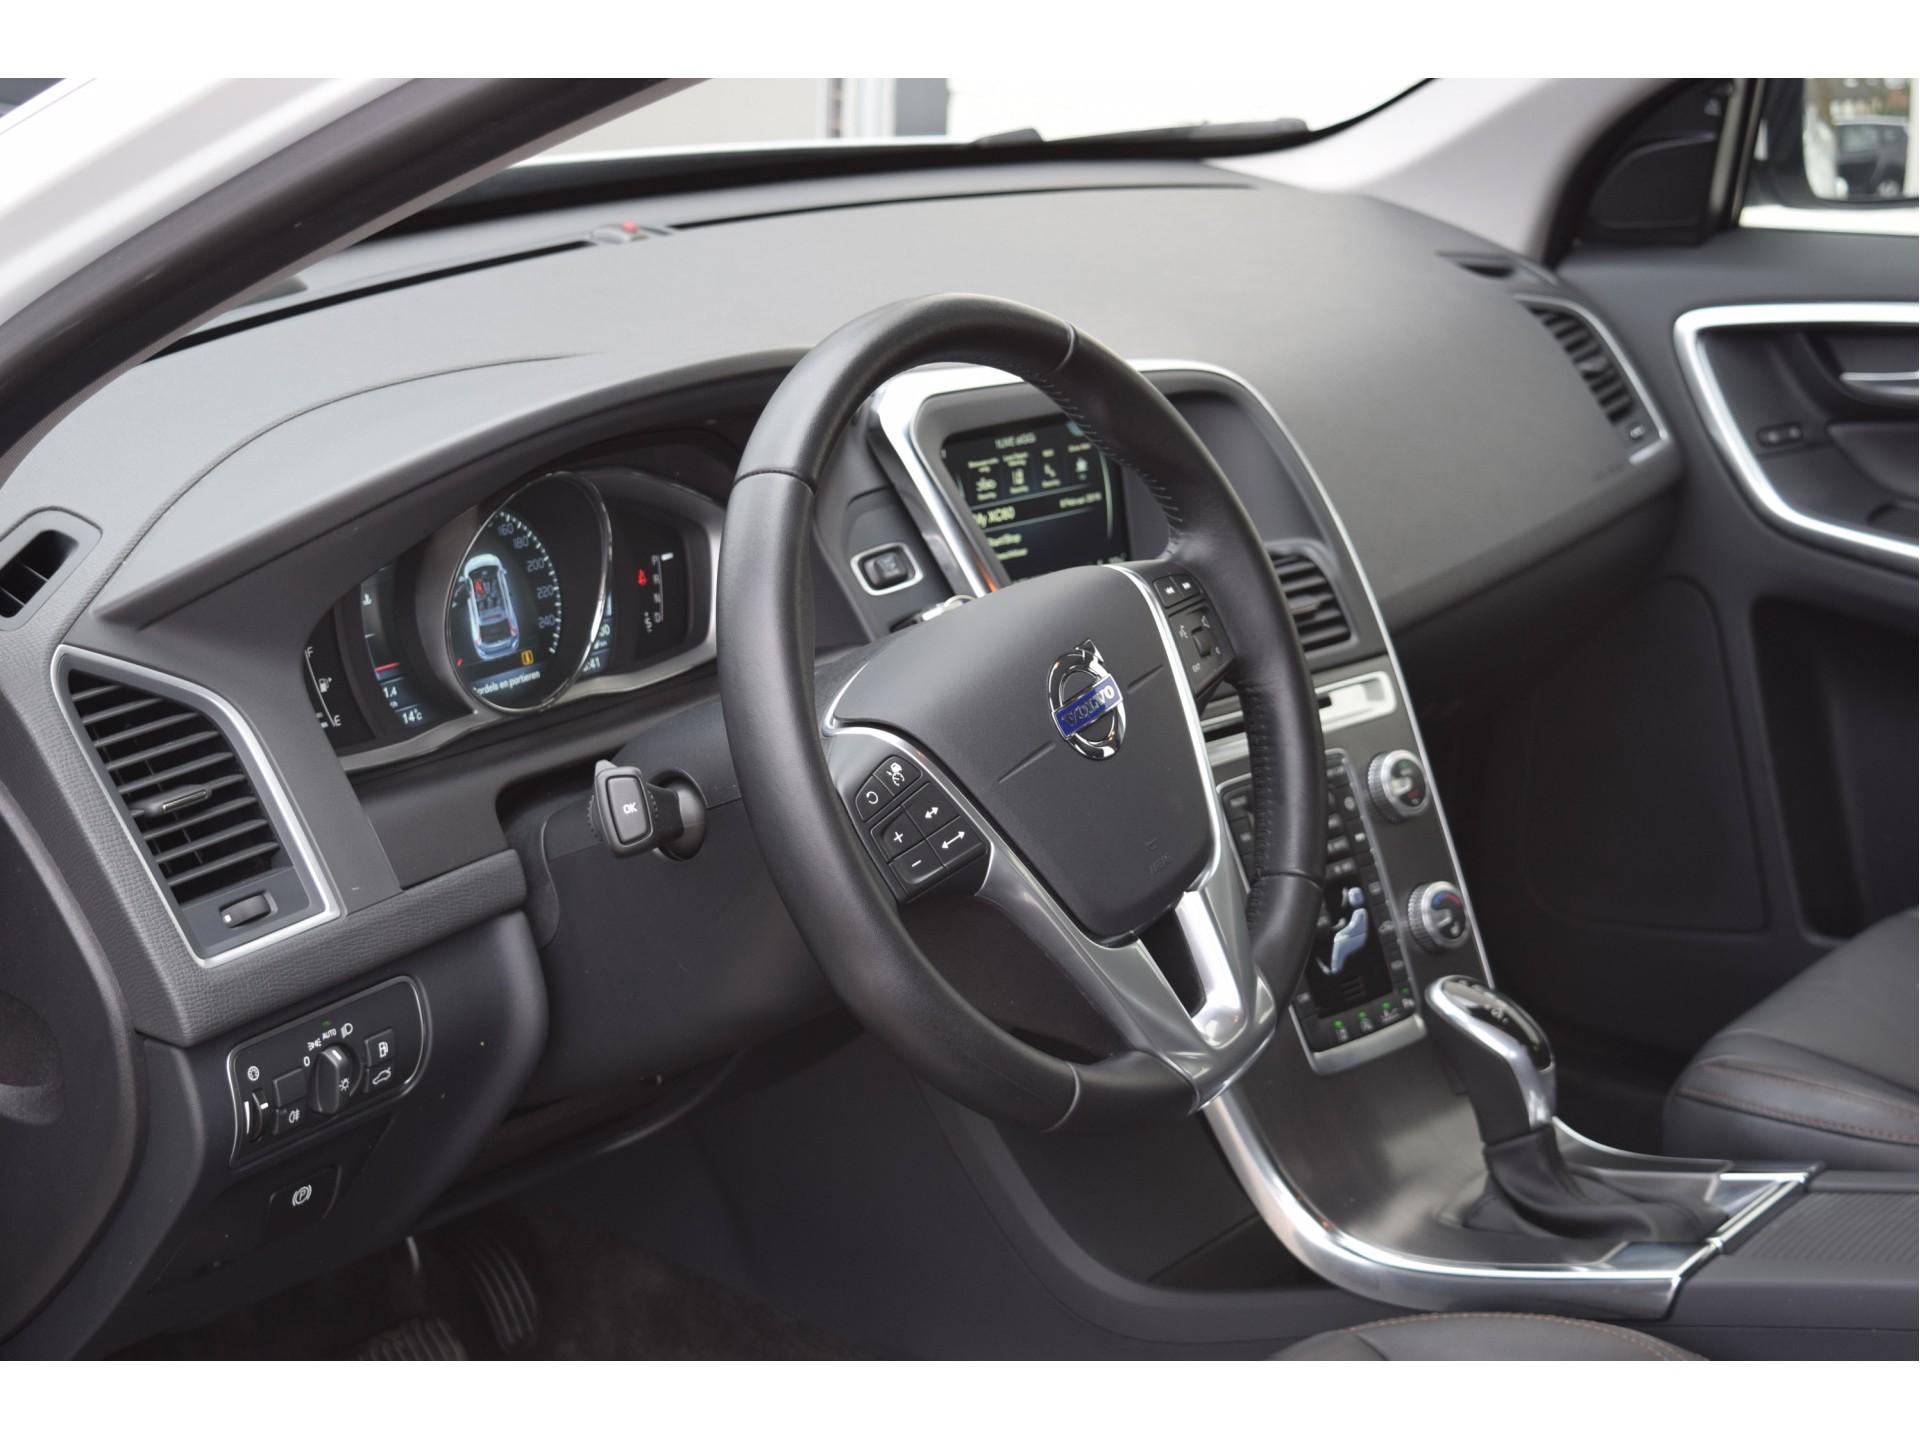 Schrijf je nu in voor de training 'Intellisafe' van Volvo op 22 mei!